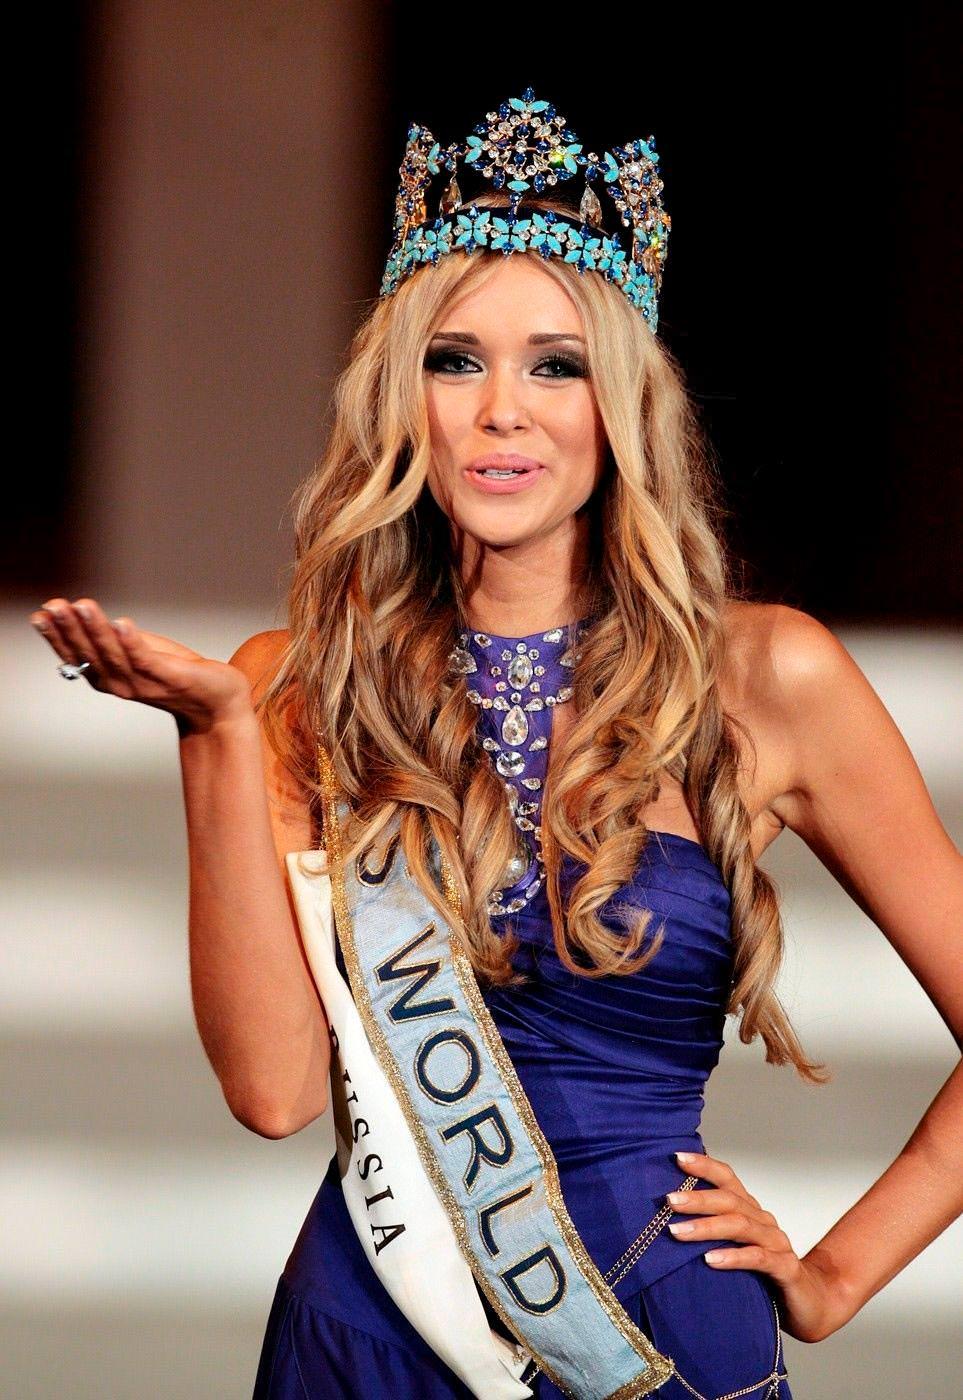 Фото | Мисс Мира 2008 года Ксения Сухинова